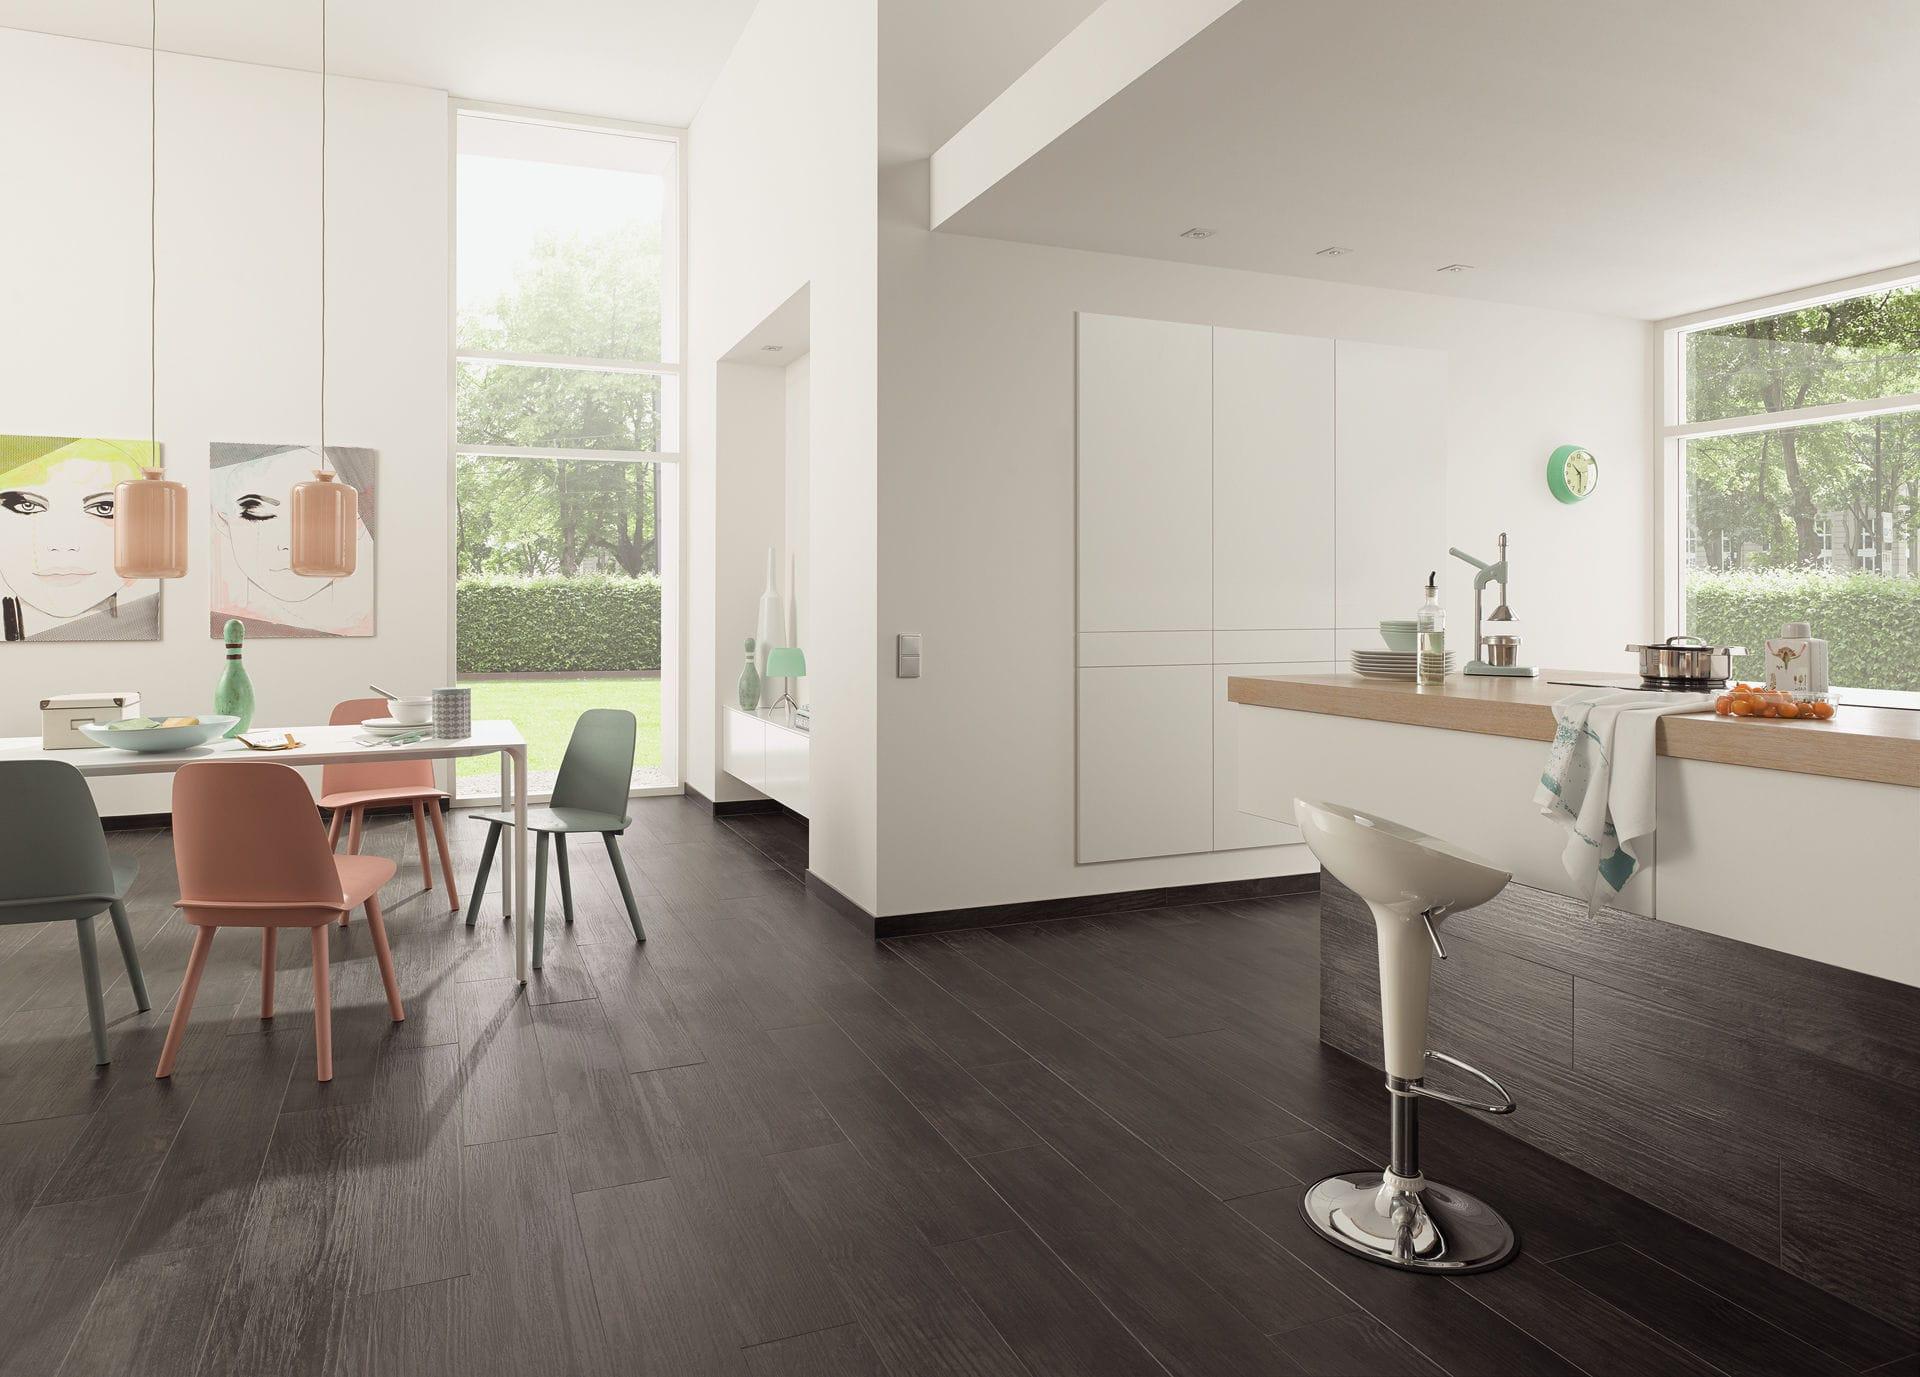 Innenraum-Fliesen / Wohnzimmer / für Böden / Wand - SCHWARZWALD ...